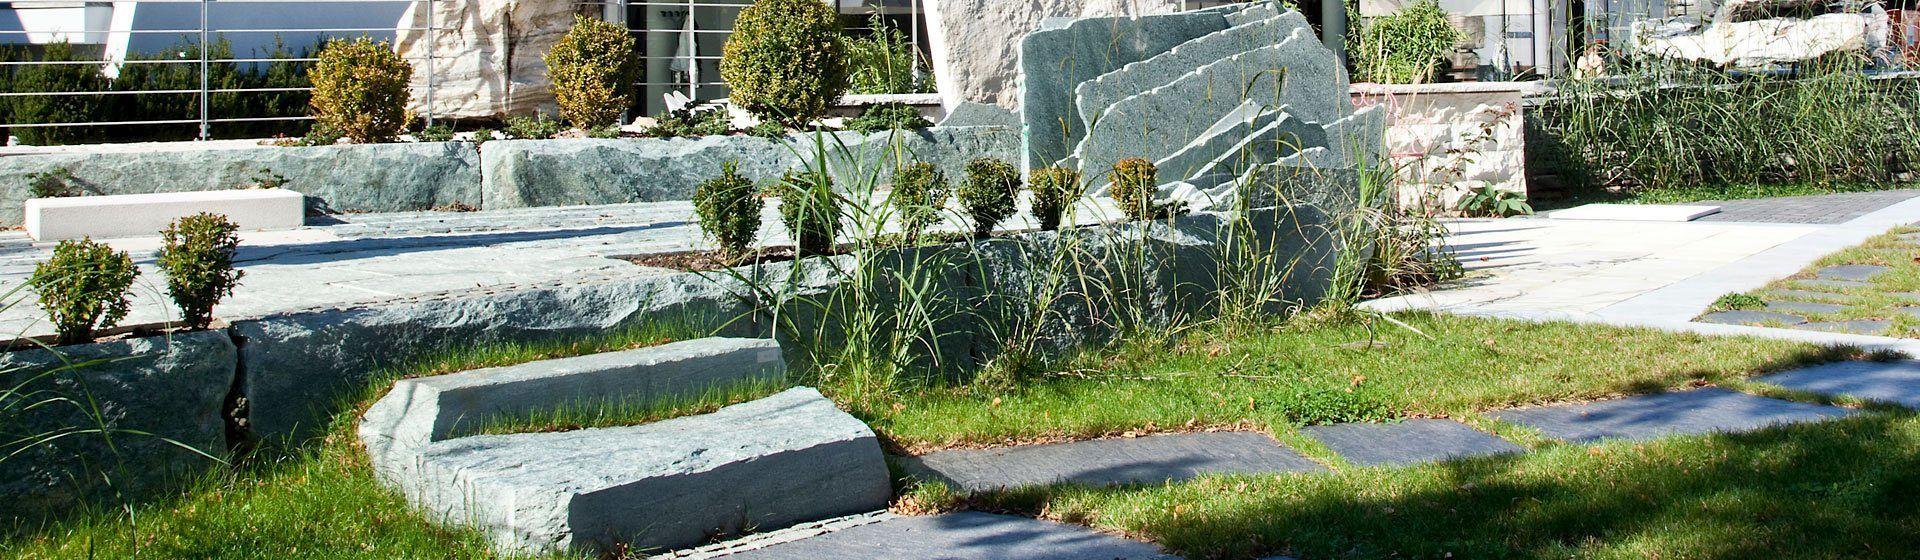 Gala Bau Alles Fur Ihren Traumgarten Konz Waiblingen Winnenden Outdoor Decor Stepping Stones Warm Water